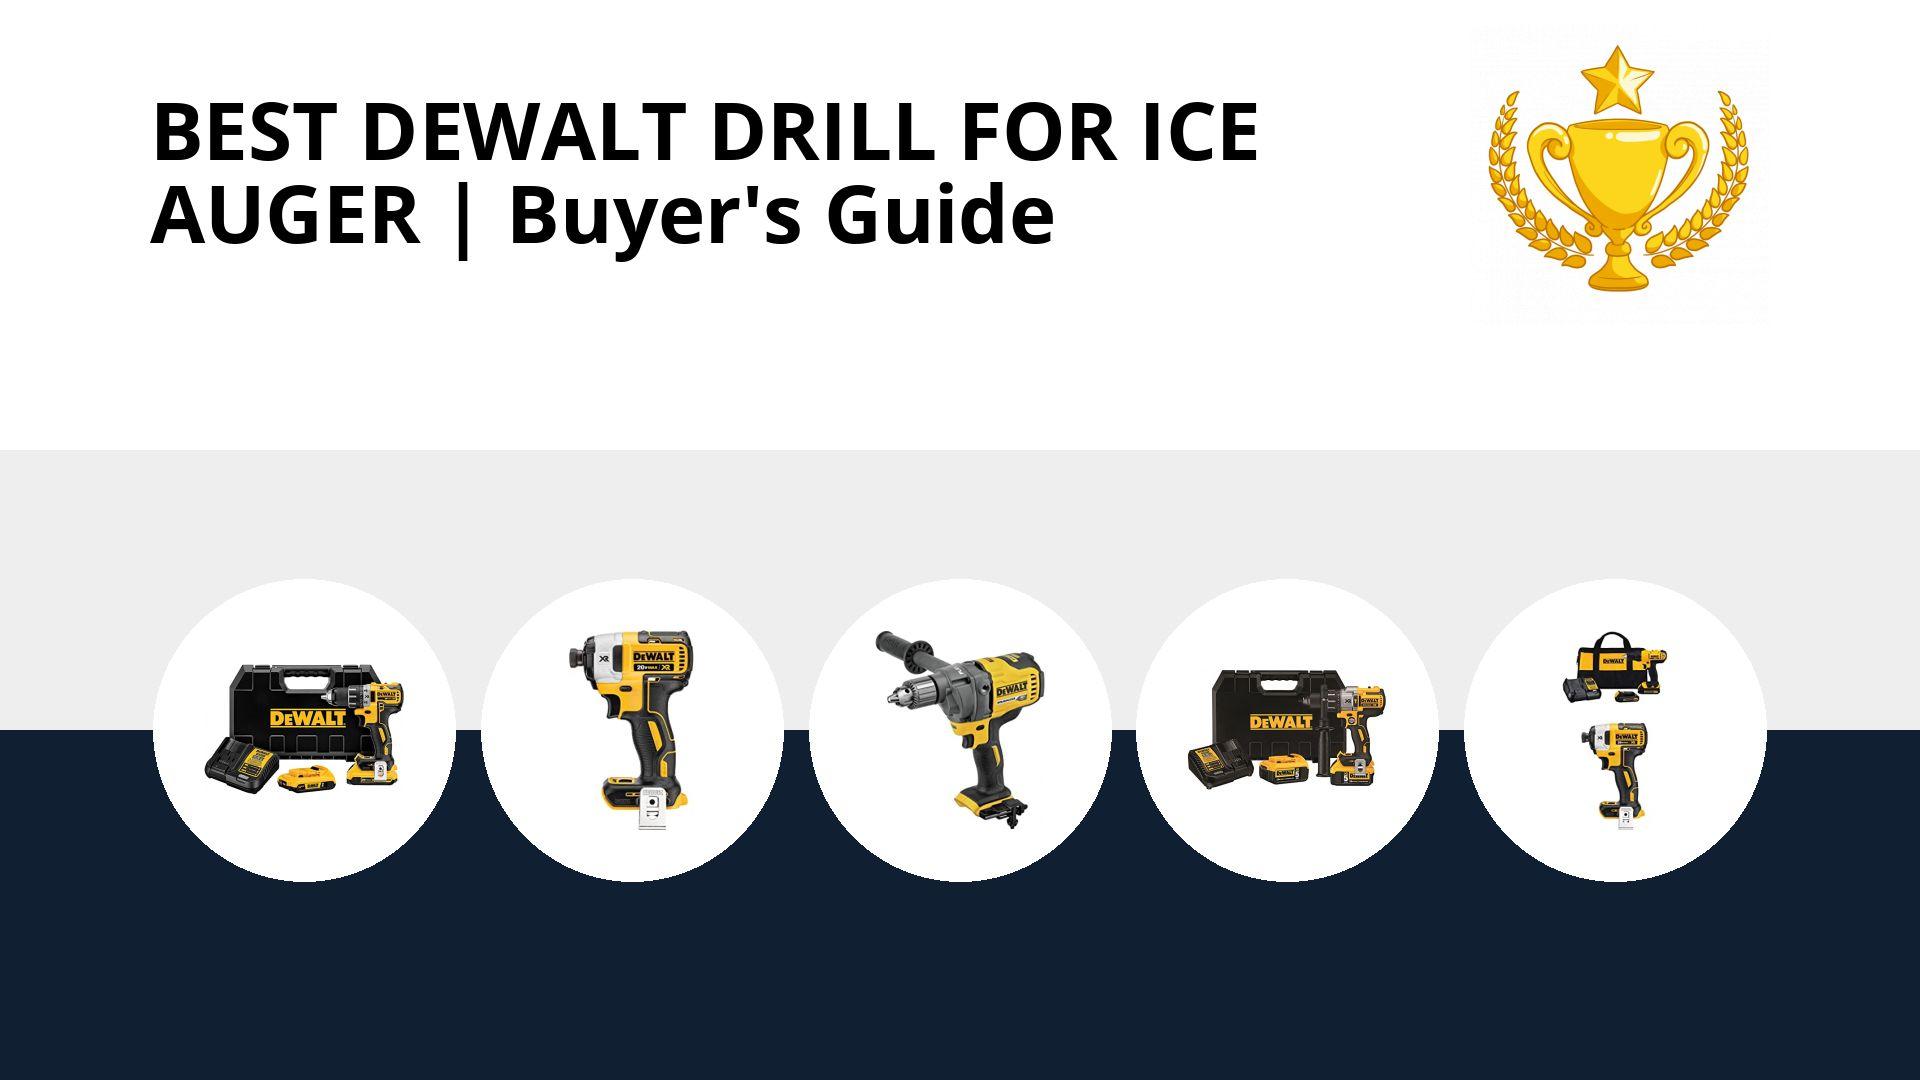 Best Dewalt Drill For Ice Auger: image